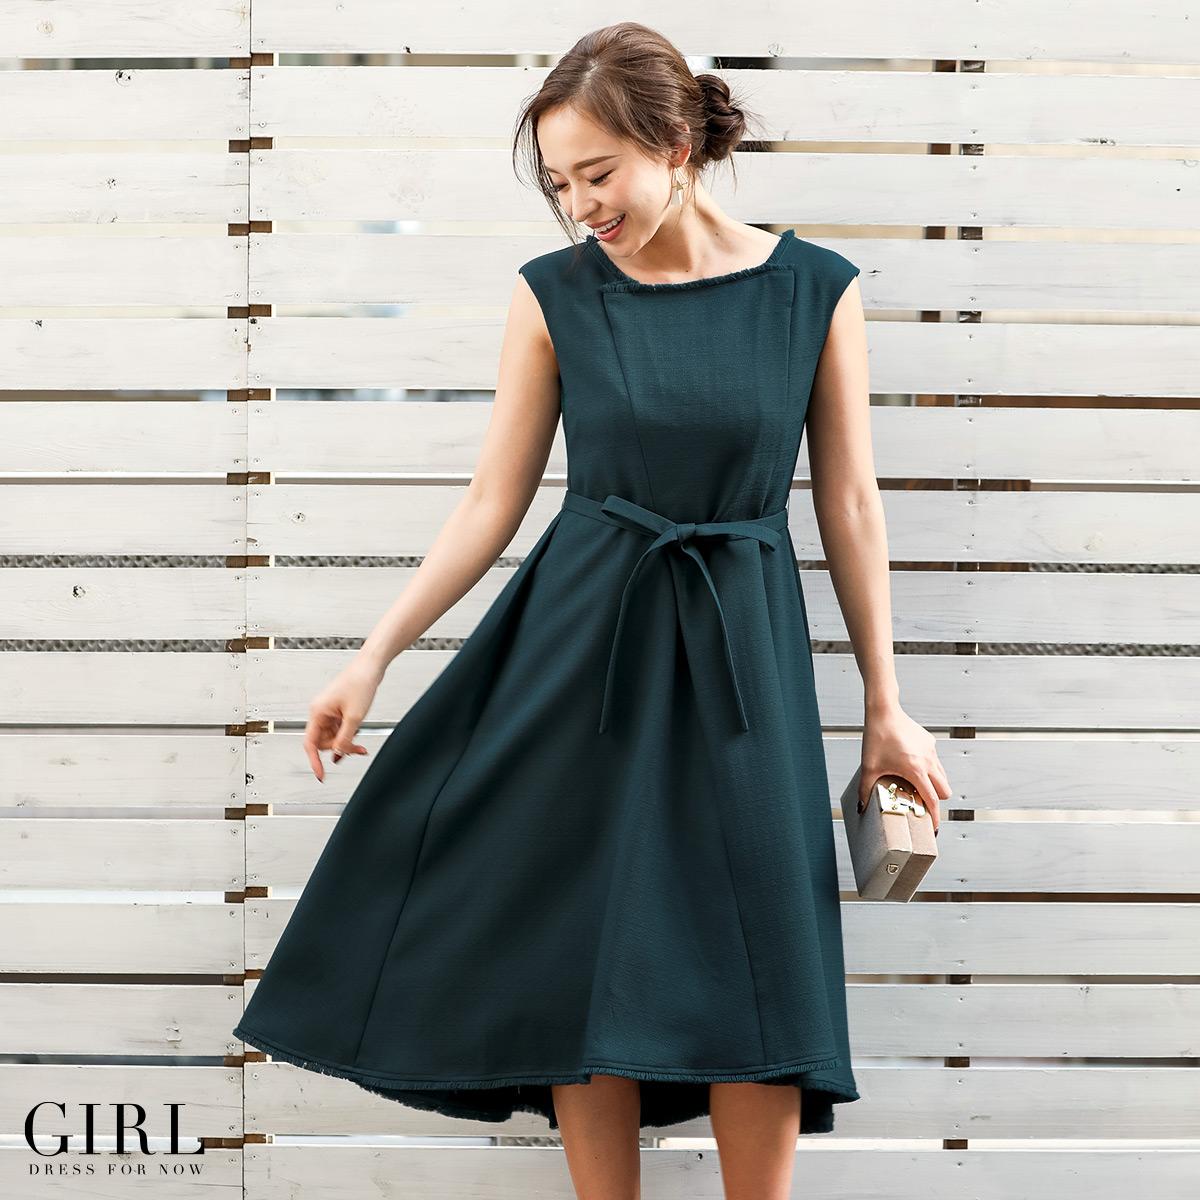 fdf957c02c634 ... パーティードレス大きいサイズ30代20代結婚式ワンピースドレスお呼ばれパーティドレス二次会 ...